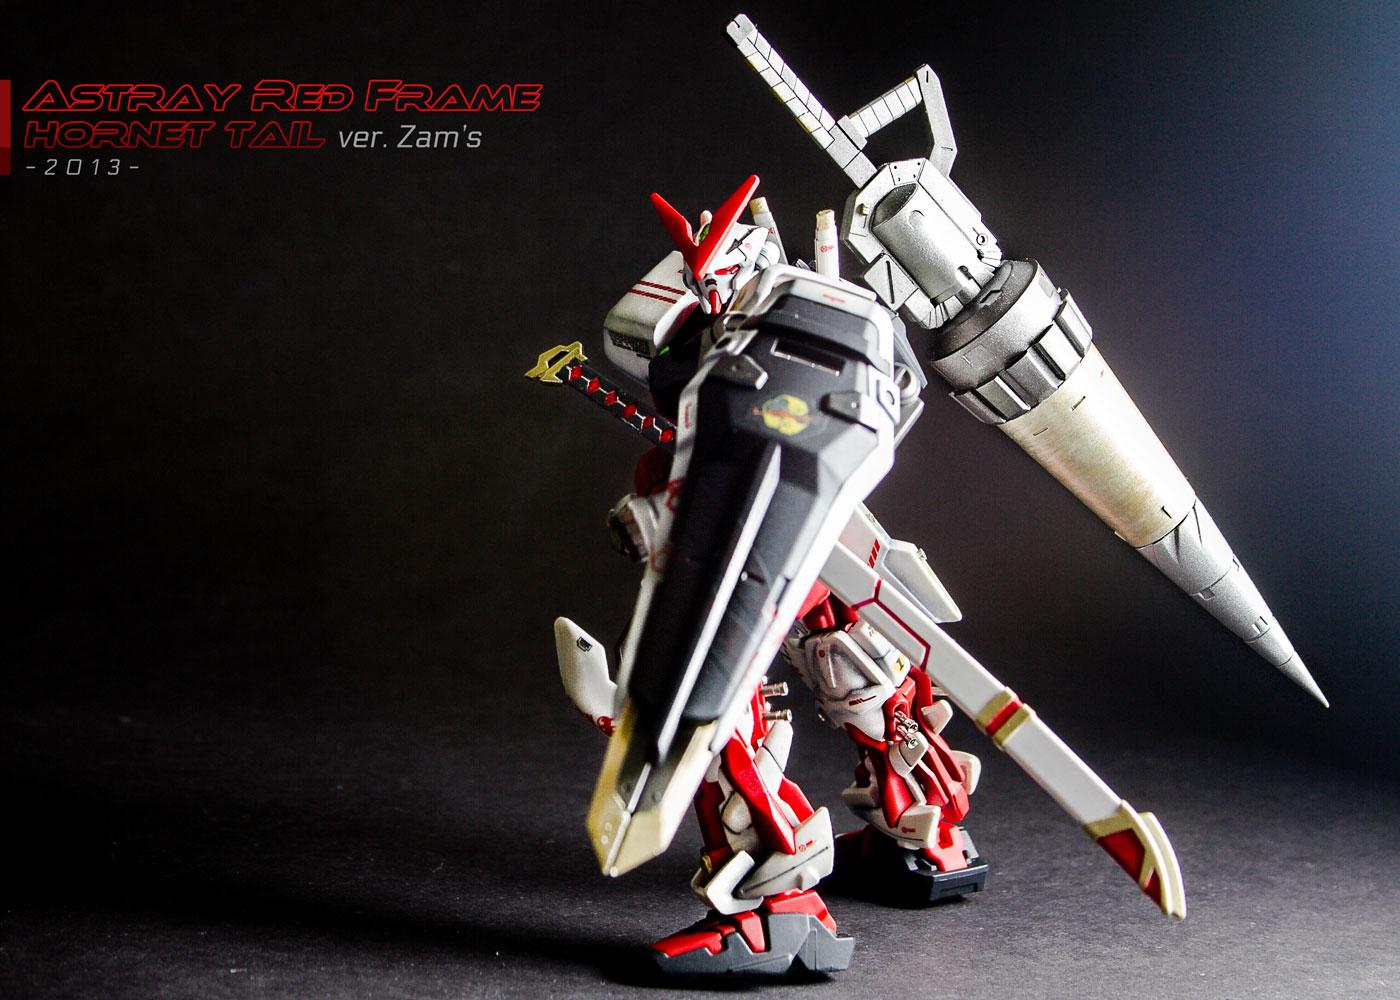 Astray Gundam Wallpaper hg 1/144 Gundam Astray Red